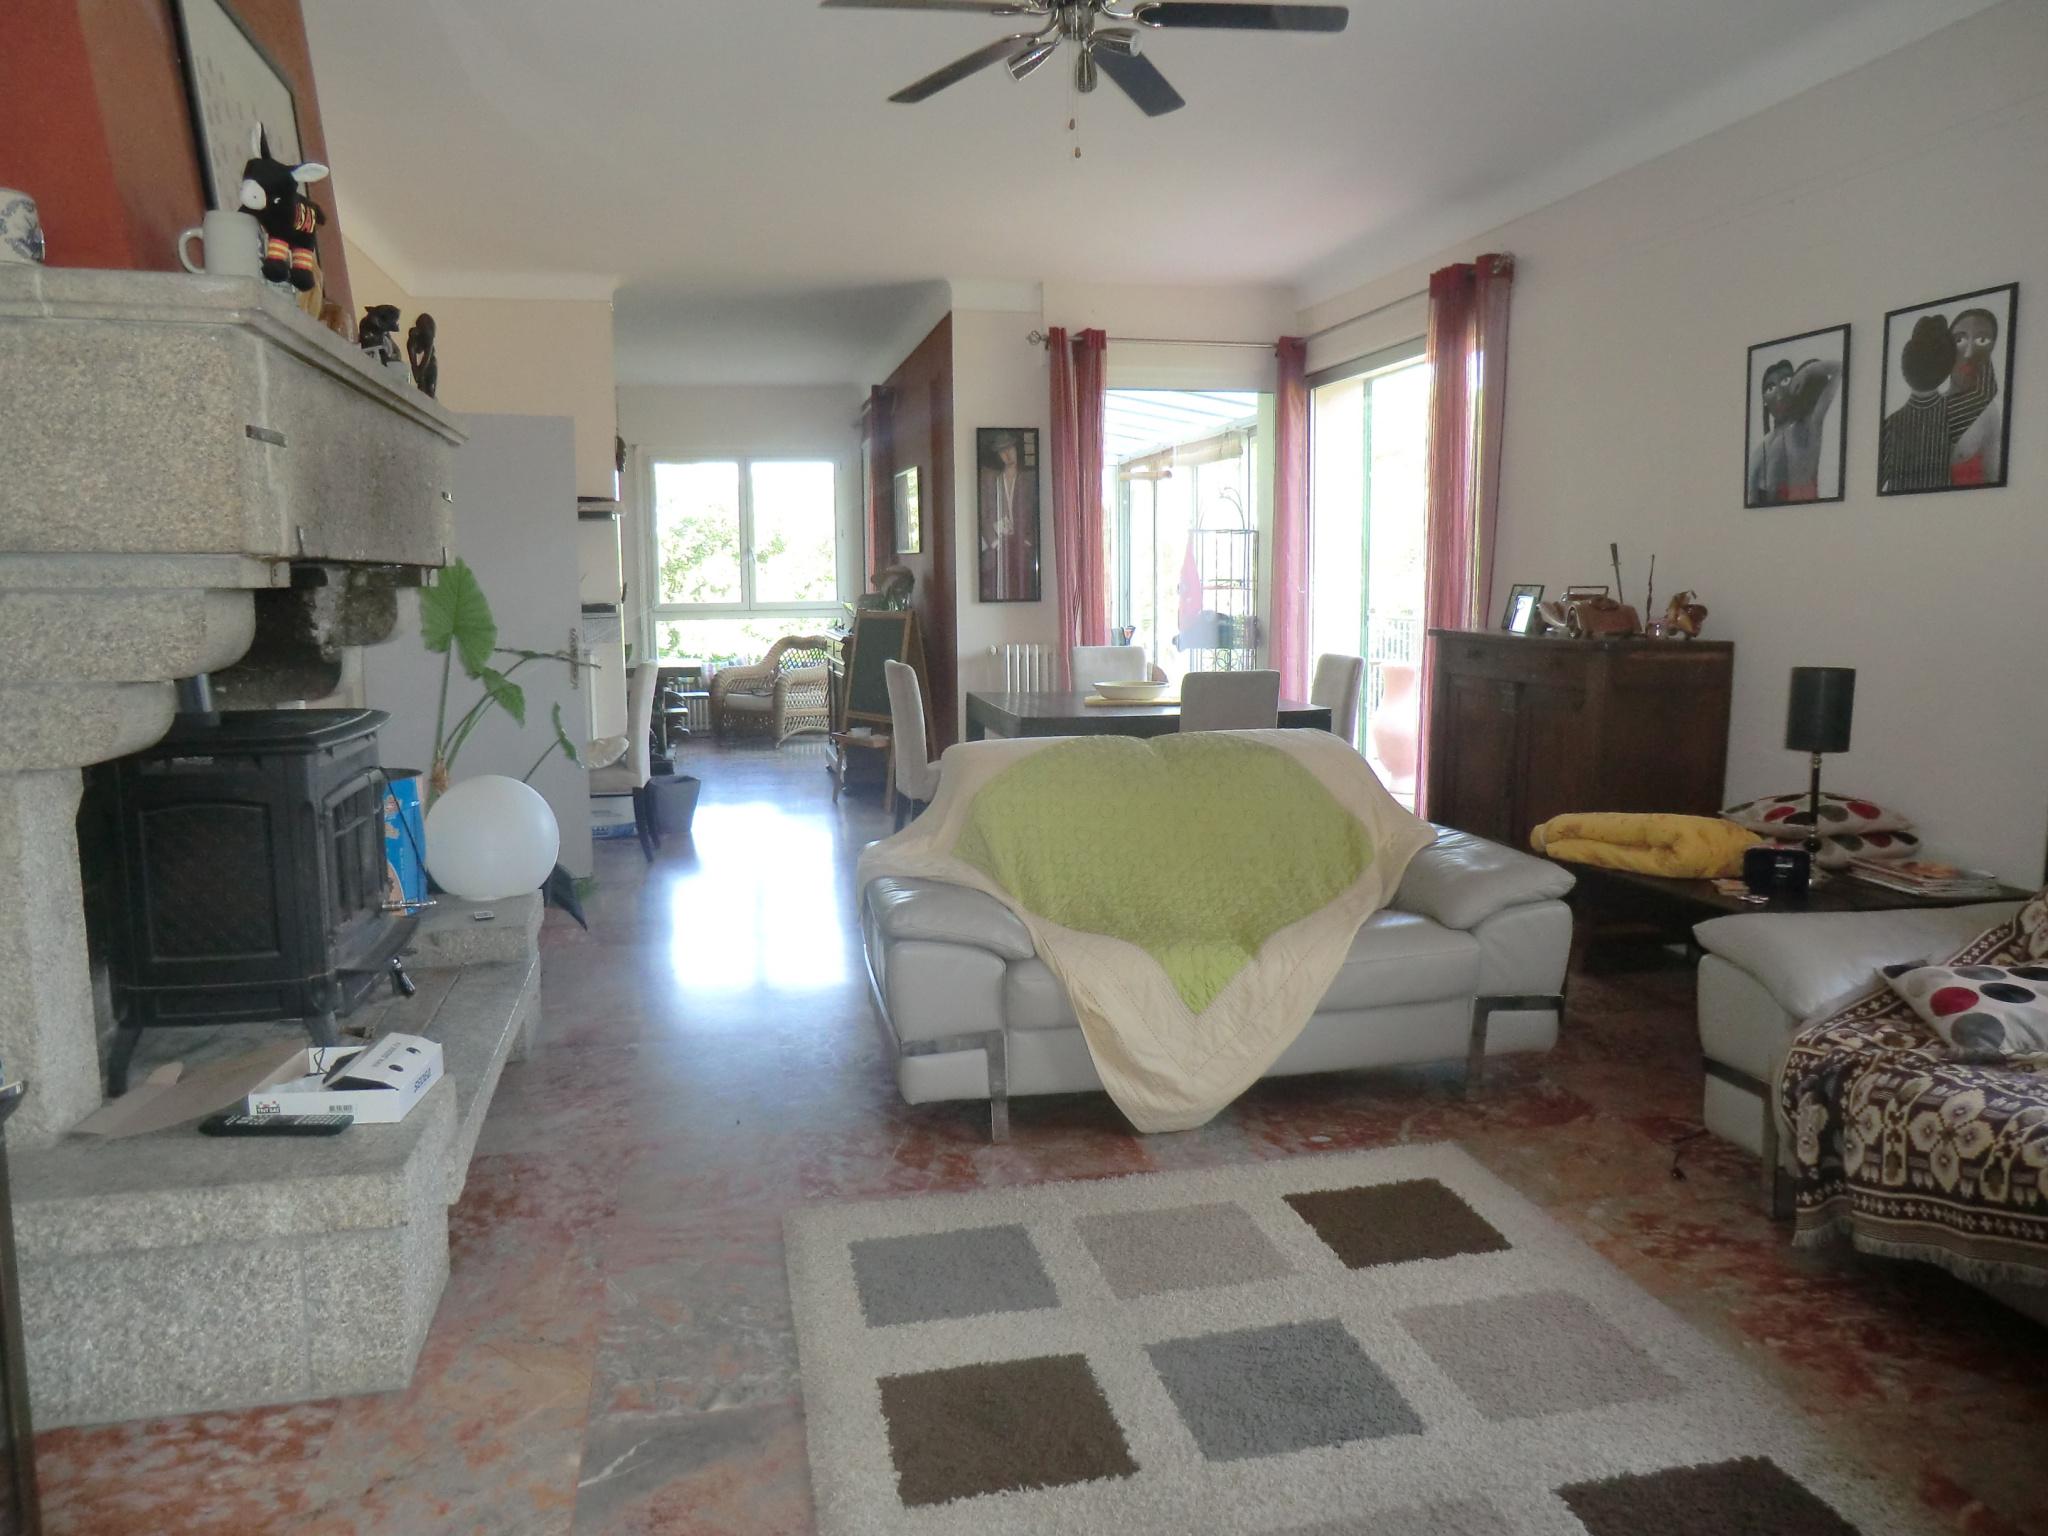 À vendre maison/villa de 500m2 à argeles sur mer (66700) - Photo 15'